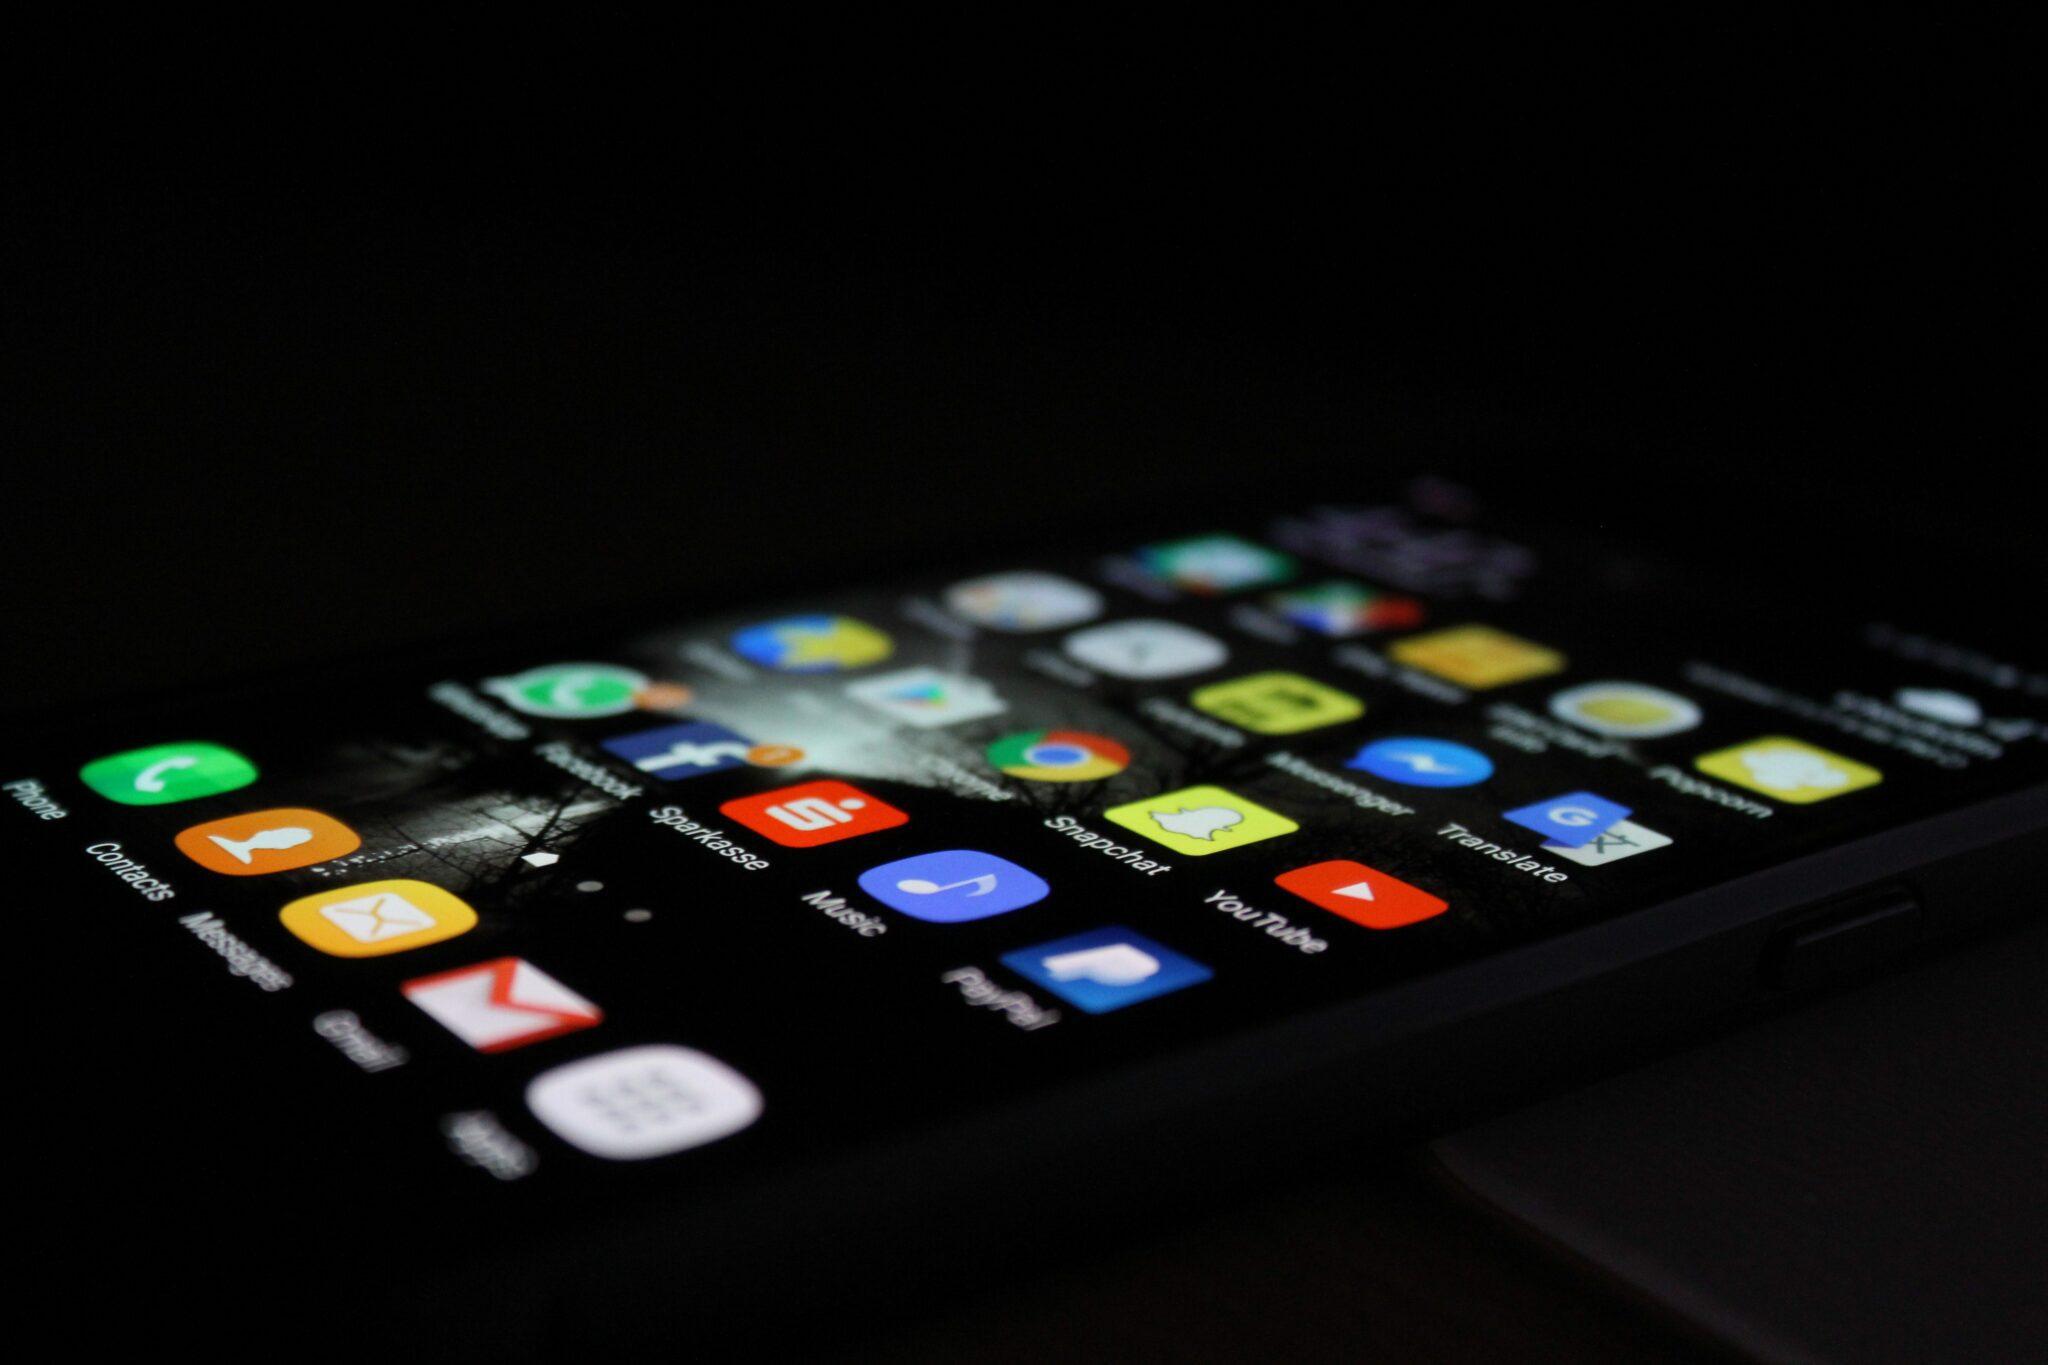 Possíveis efeitos anticompetitivos de 'escore nutricional' em apps digitais